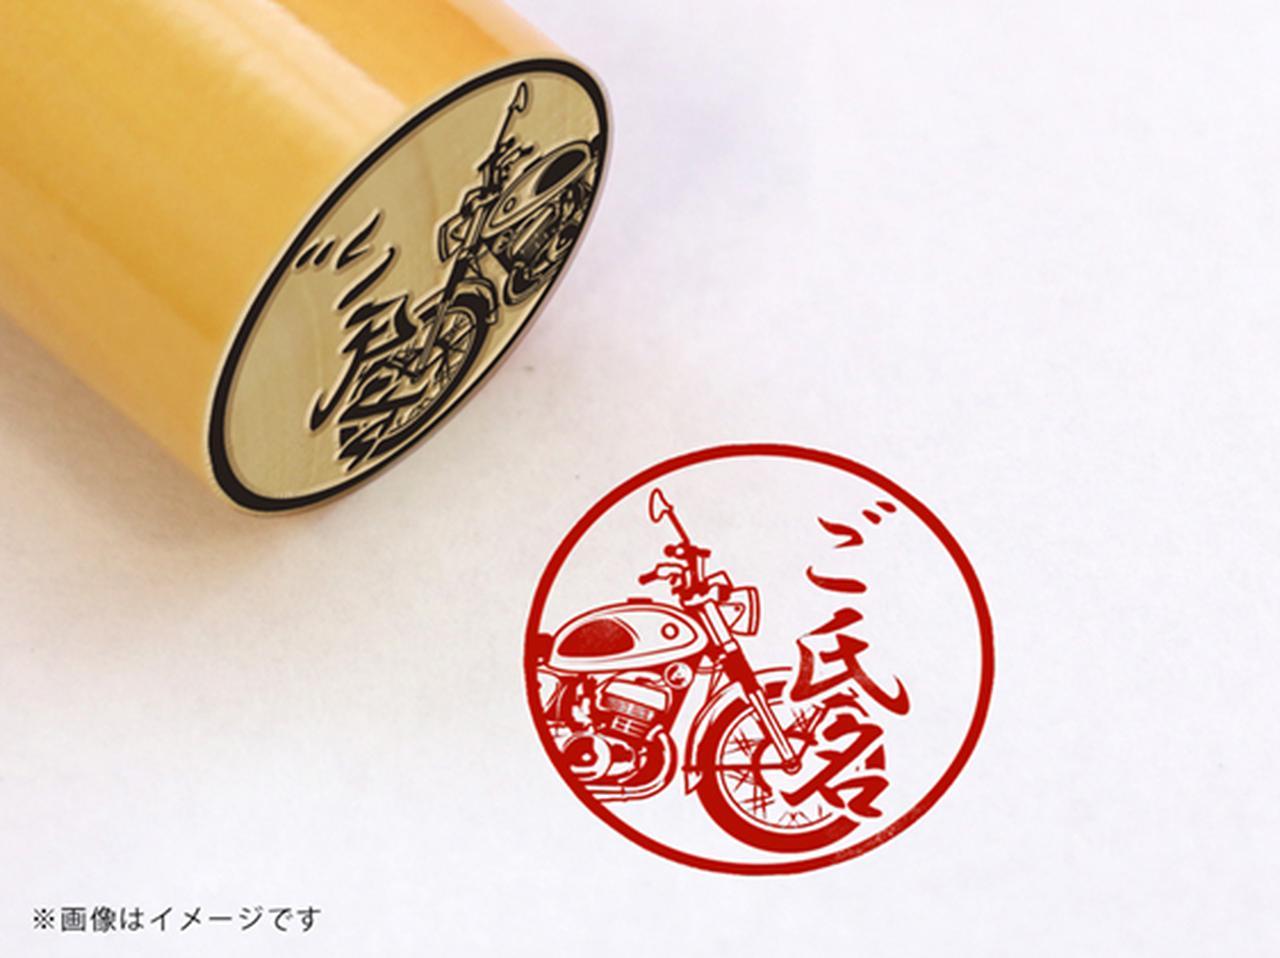 Images : 【SUZUKI】T500・柘植丸印18mm